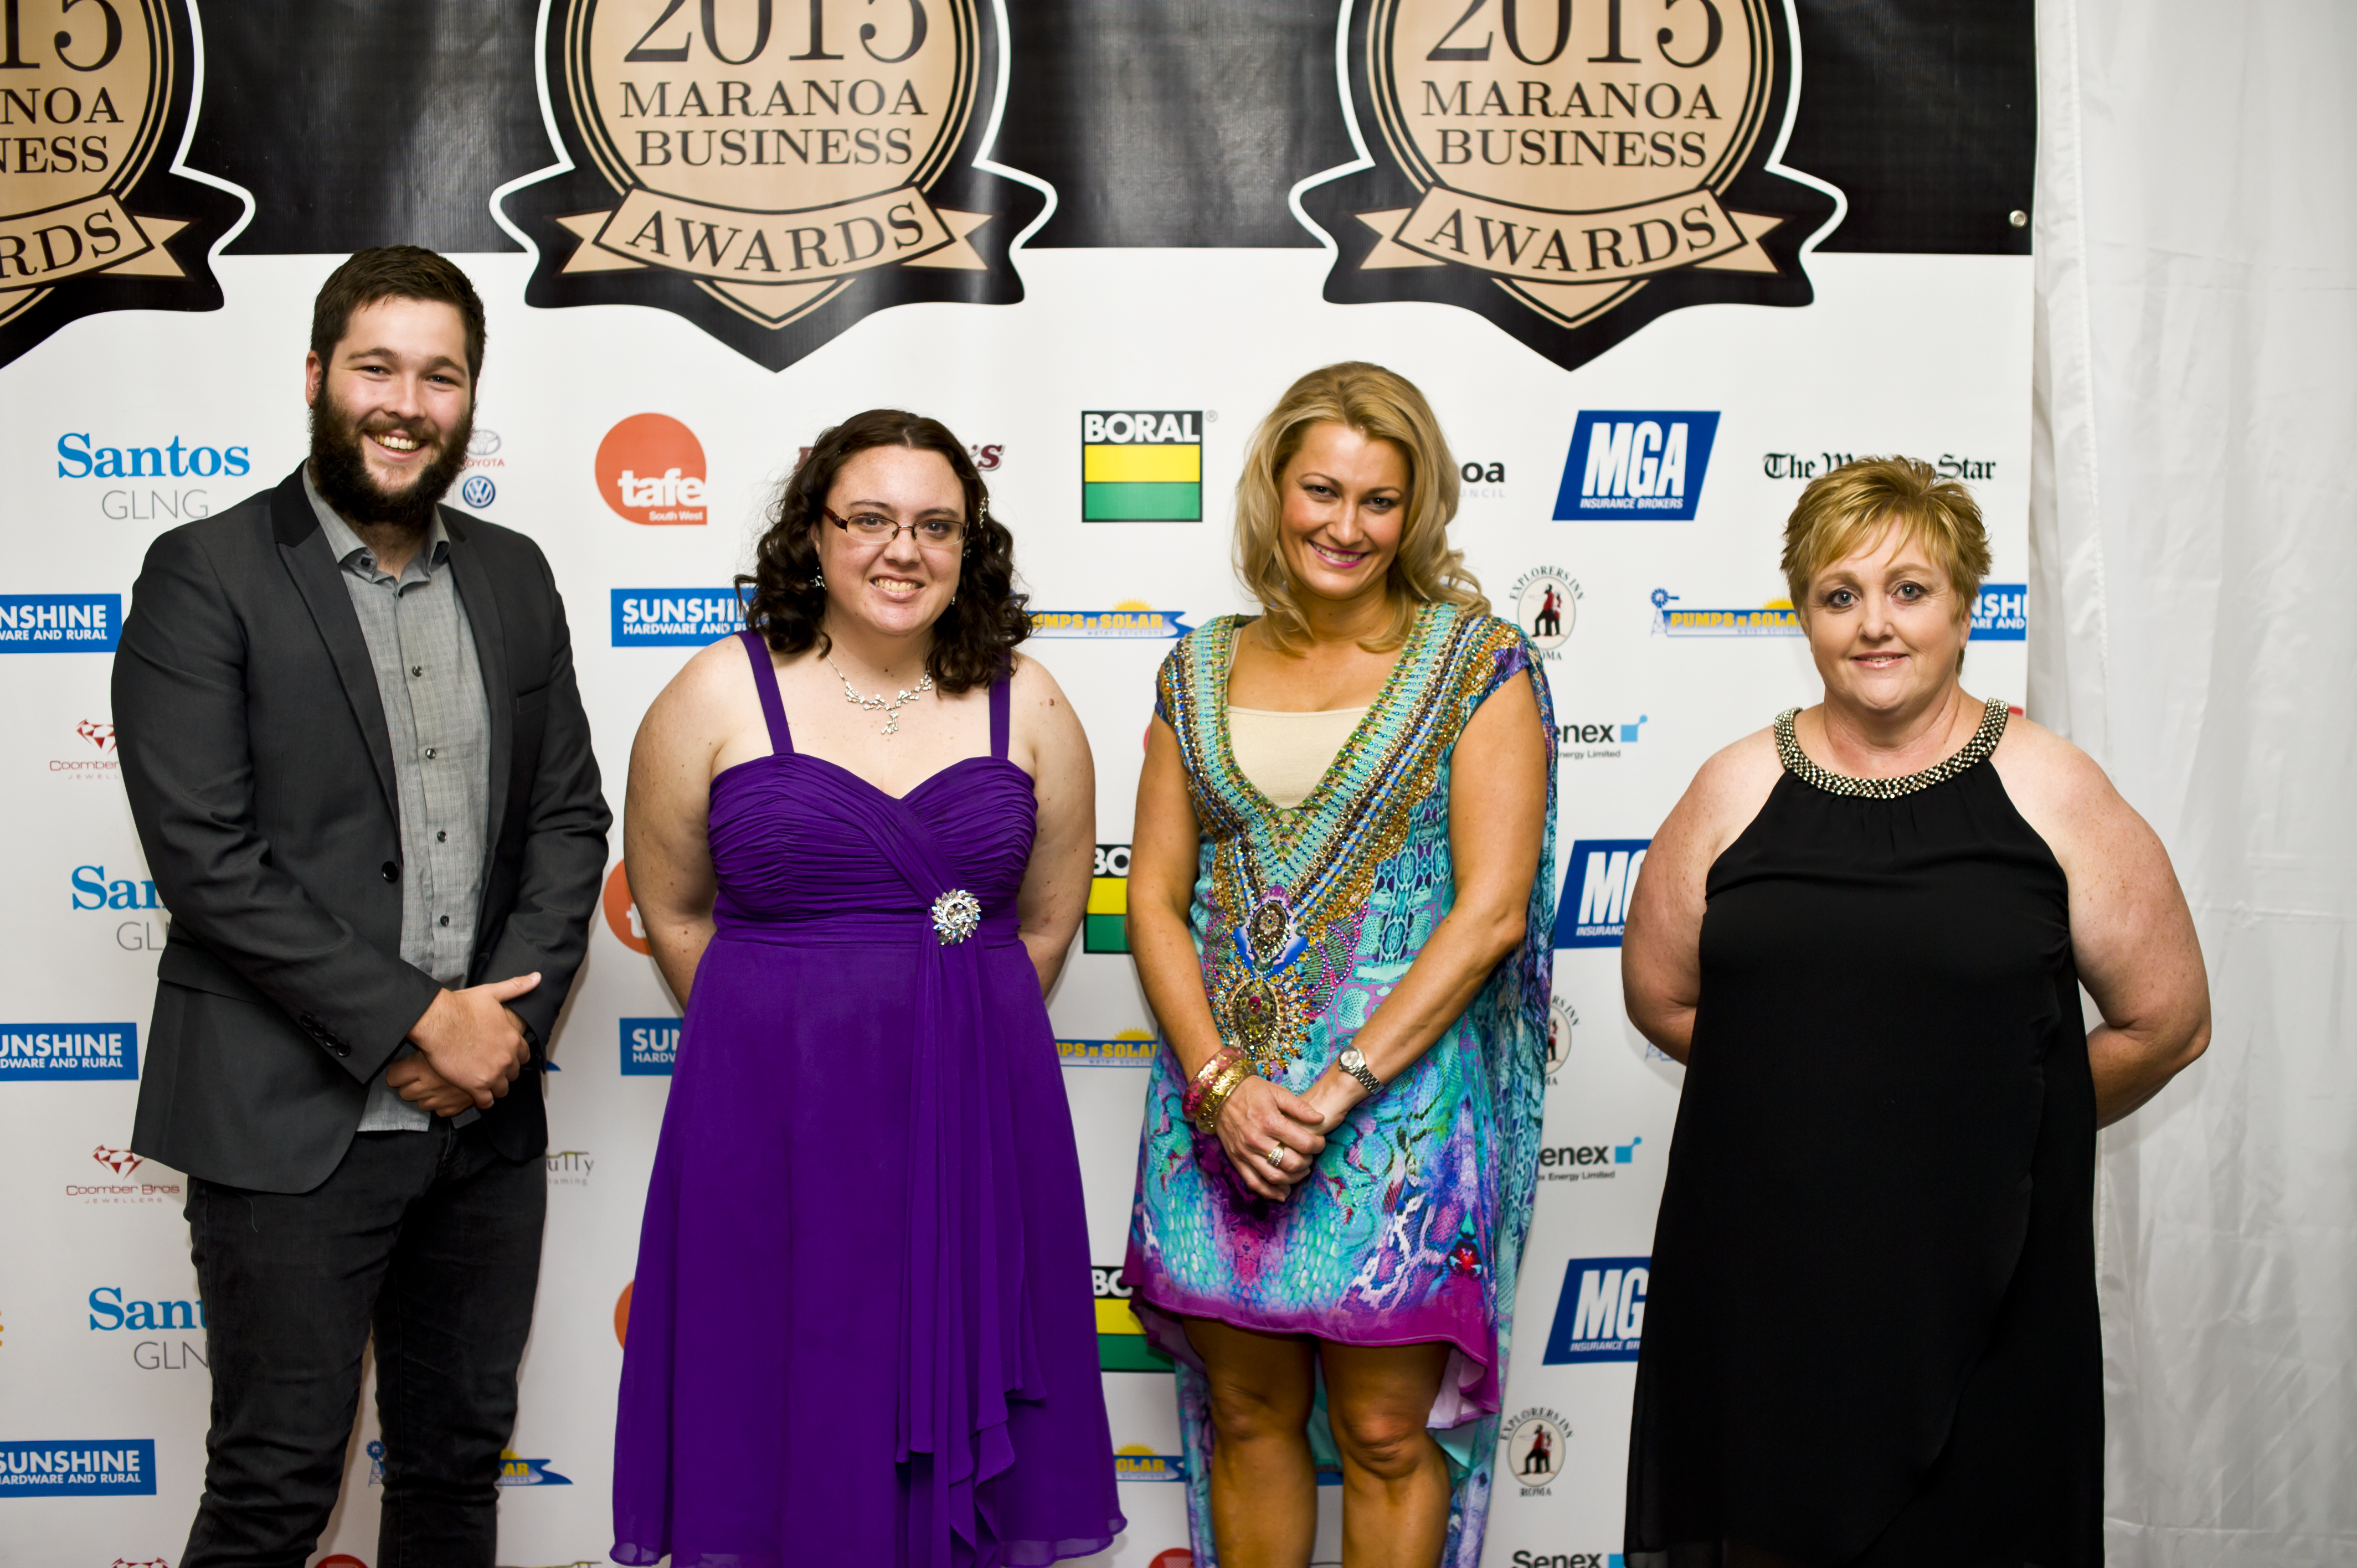 039_Maranoa Bus Awards